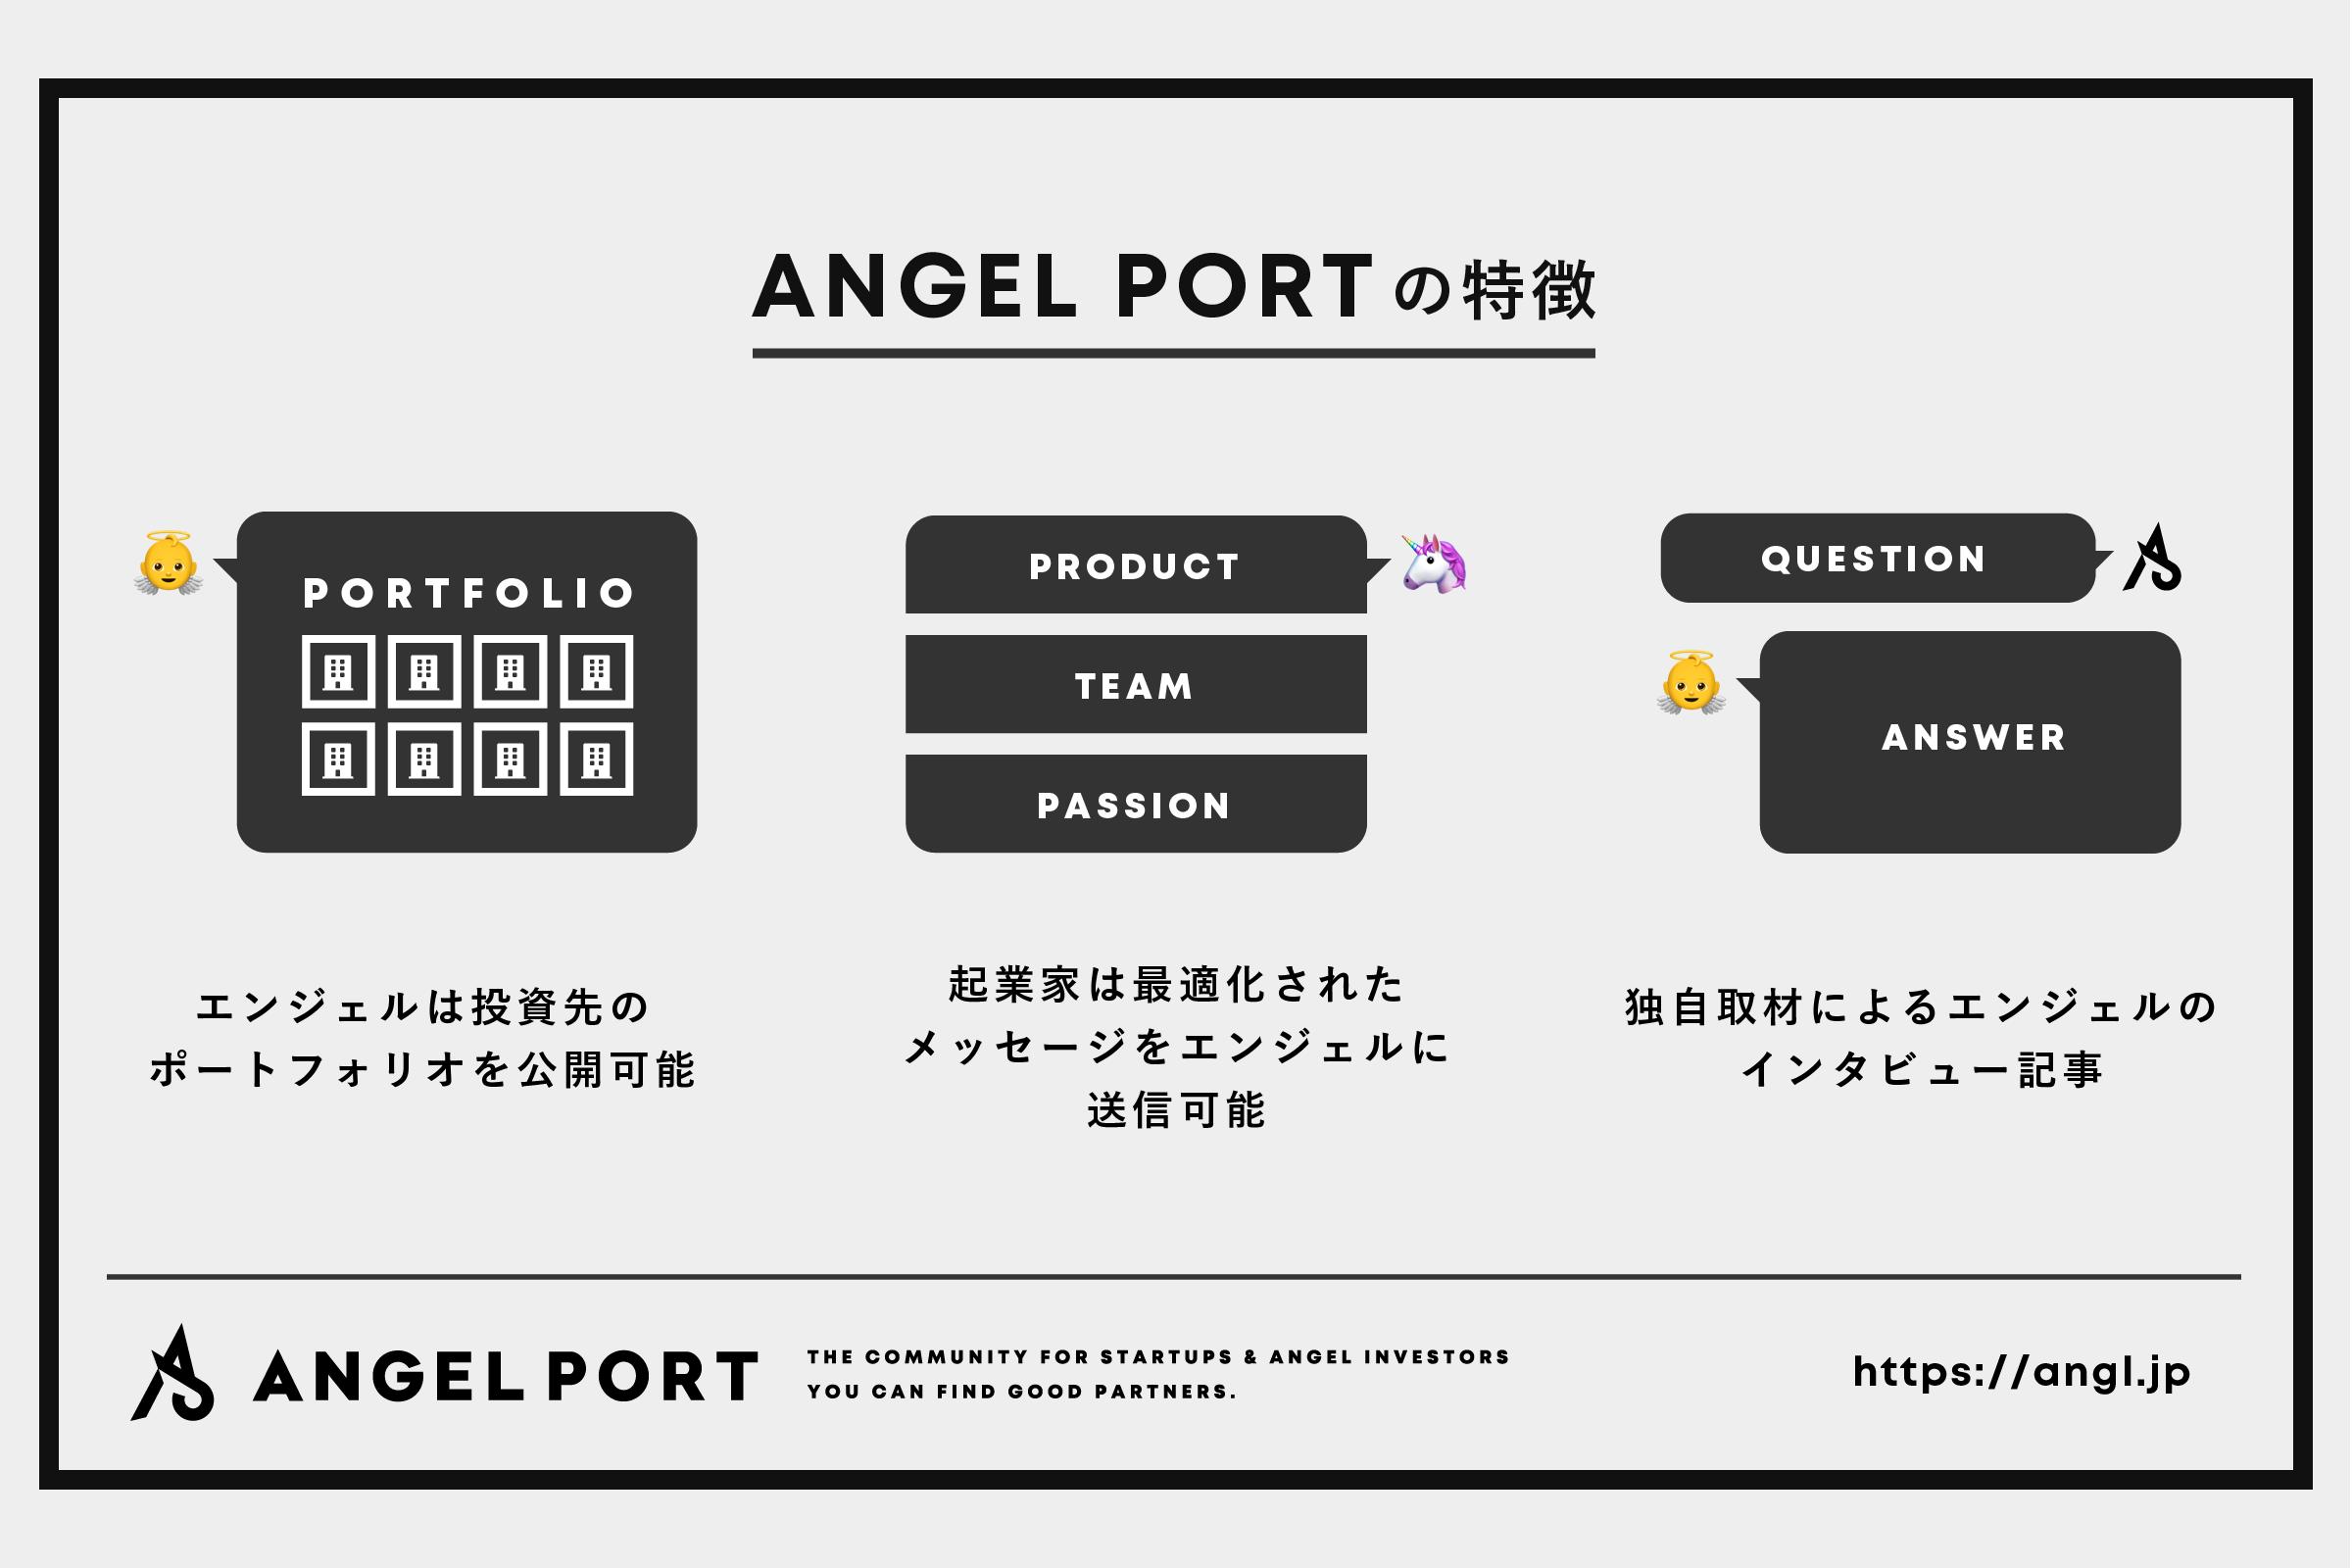 angelport05